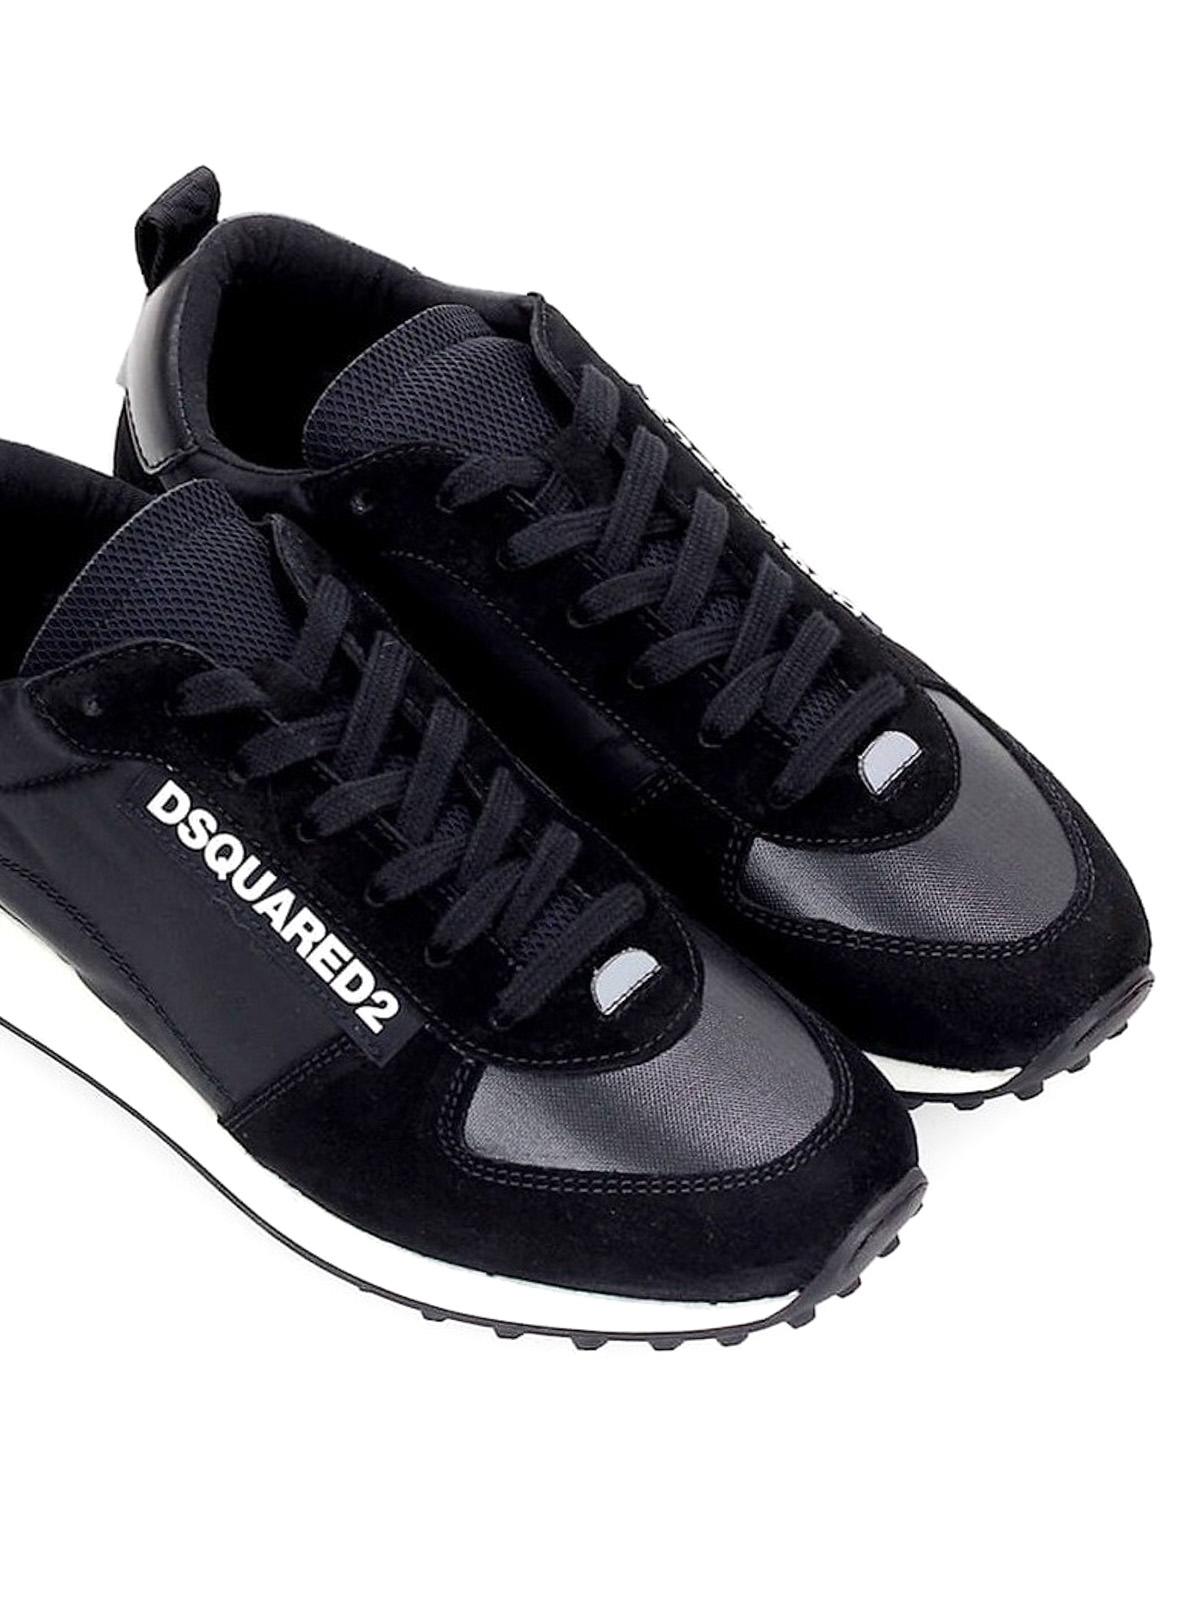 New Runner Hiking black sneakers